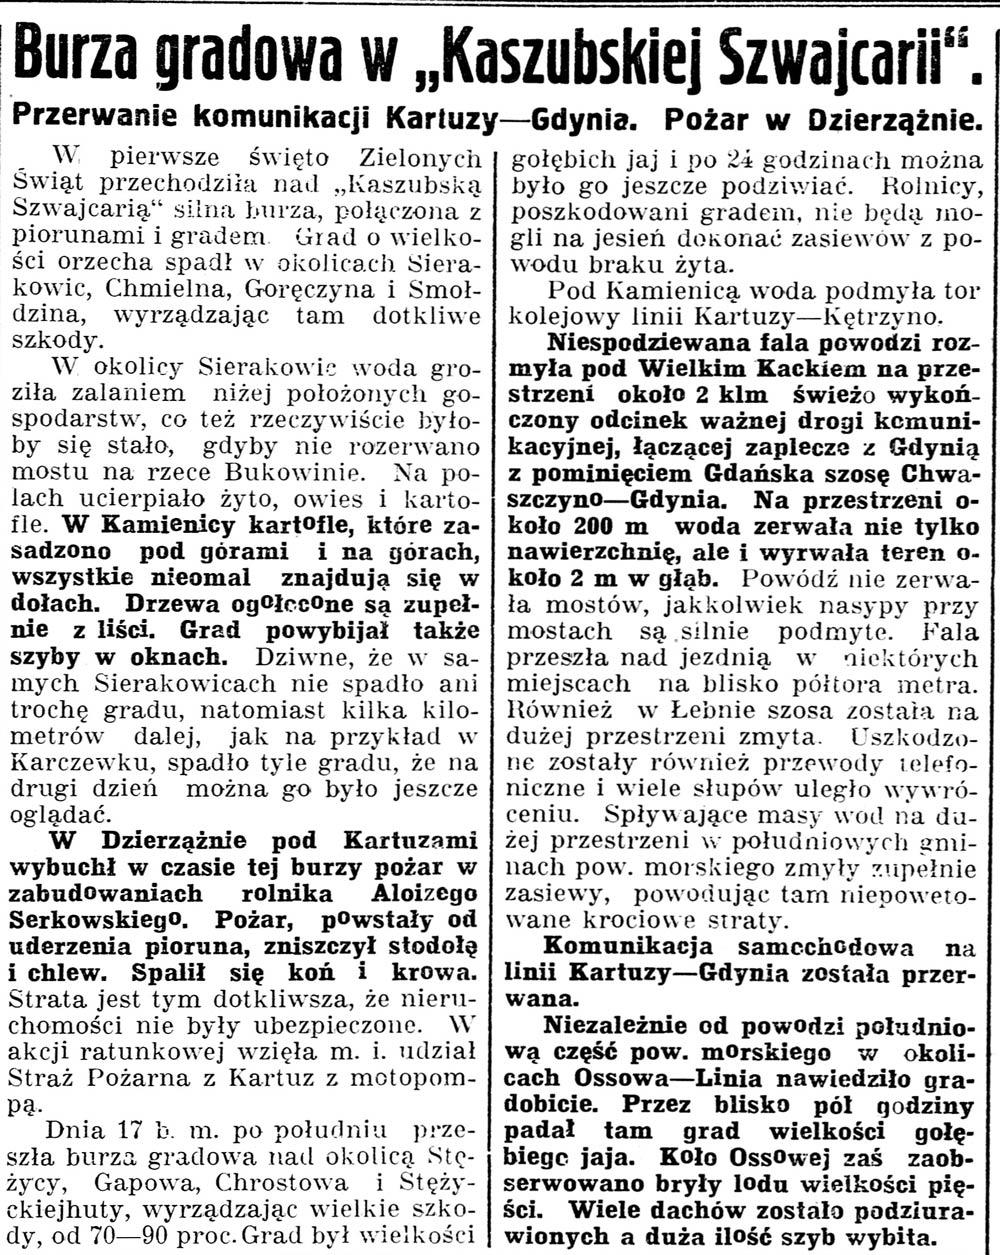 """Burza gradowa w """"Kaszubskiej Szwajcarii"""". Przerwanie komunikacji Kartuzy - Gdynia. Pożar w Dzierżążnie // Gazeta Kartuska. - 1937, nr 60, s. 2"""